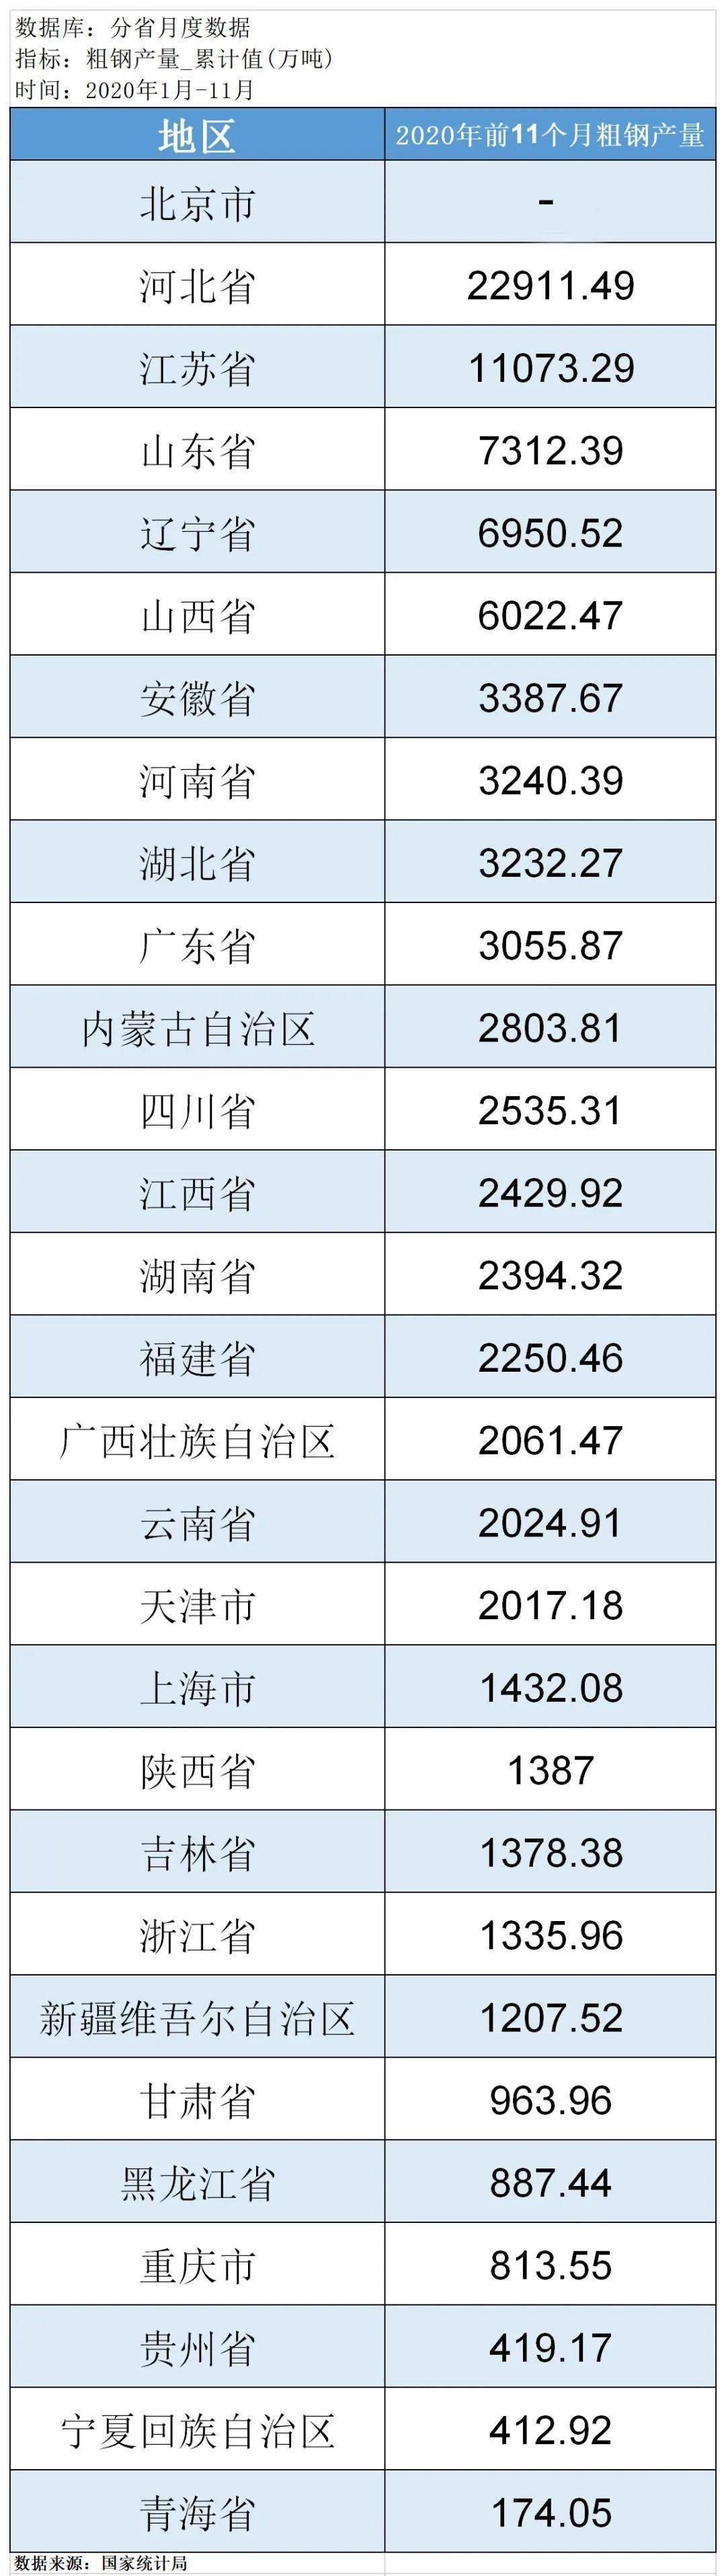 我国m2比gdp_王永利:为何中国GDP比美国小,M2却大得多